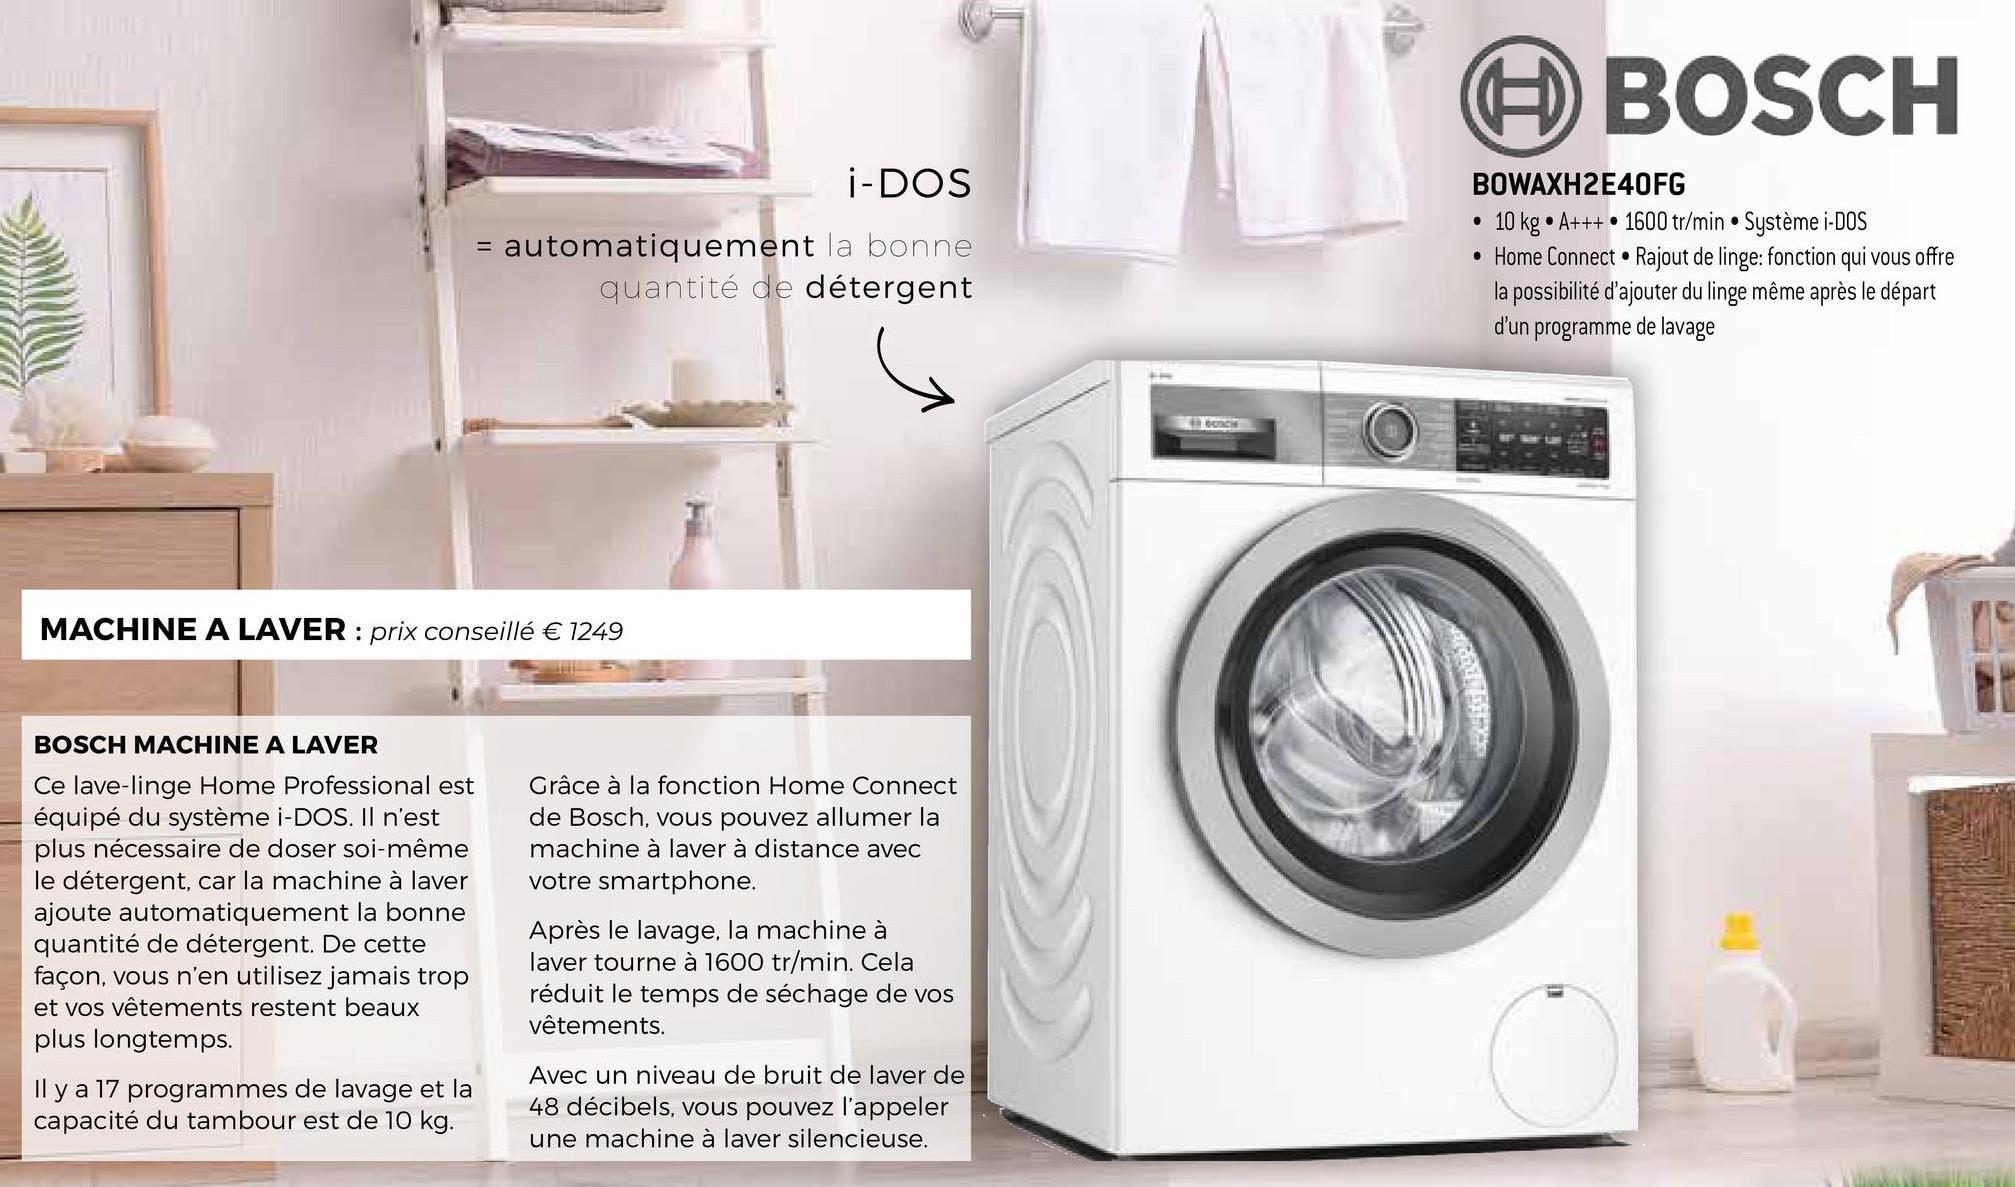 BOSCH i-DOS = automatiquement la bonne quantité de détergent BOWAXH2E40FG • 10 kg.A++. 1600 tr/min • Système i-DOS • Home Connect . Rajout de linge: fonction qui vous offre la possibilité d'ajouter du linge même après le départ d'un programme de lavage MACHINE A LAVER : prix conseillé € 1249 © Grâce à la fonction Home Connect de Bosch, vous pouvez allumer la machine à laver à distance avec votre smartphone. BOSCH MACHINE A LAVER Ce lave-linge Home Professional est équipé du système i-DOS. Il n'est plus nécessaire de doser soi-même le détergent, car la machine à laver ajoute automatiquement la bonne quantité de détergent. De cette façon, vous n'en utilisez jamais trop et vos vêtements restent beaux plus longtemps. Il y a 17 programmes de lavage et la capacité du tambour est de 10 kg. Après le lavage, la machine à laver tourne à 1600 tr/min. Cela réduit le temps de séchage de vos vêtements. Avec un niveau de bruit de laver de 48 décibels, vous pouvez l'appeler une machine à laver silencieuse.